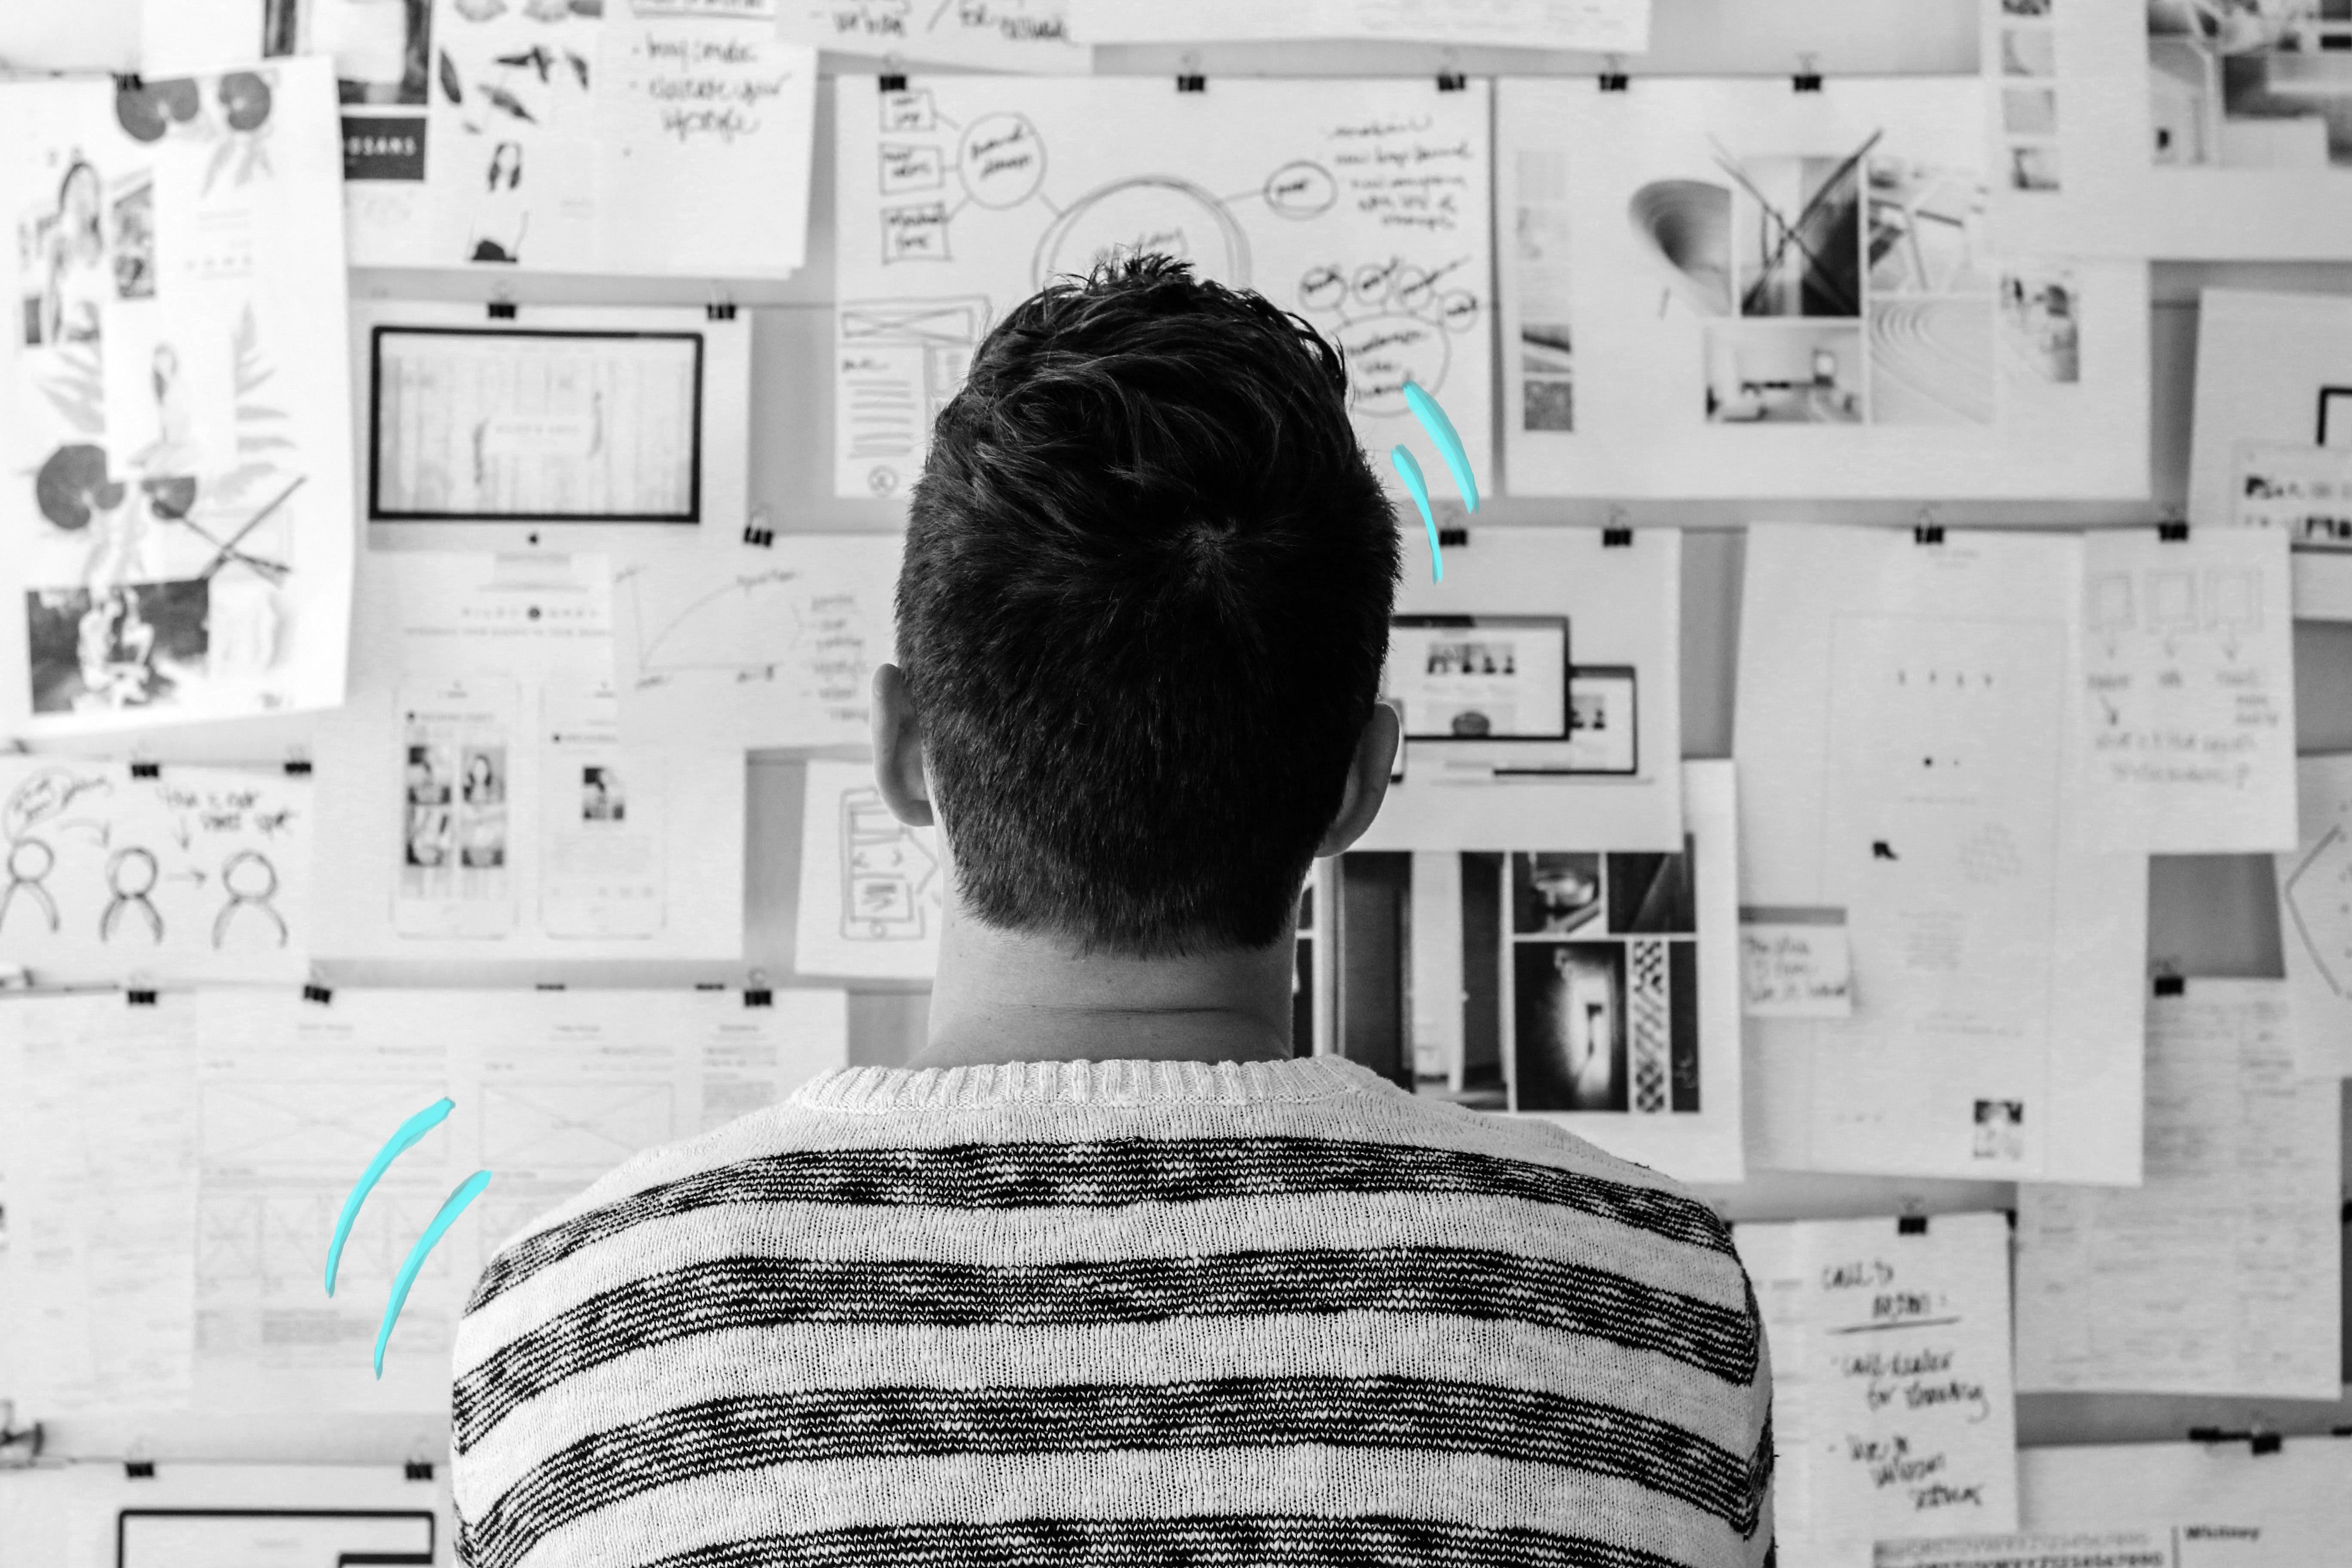 Cómo construir un embudo de ventas - Txell Costa Group